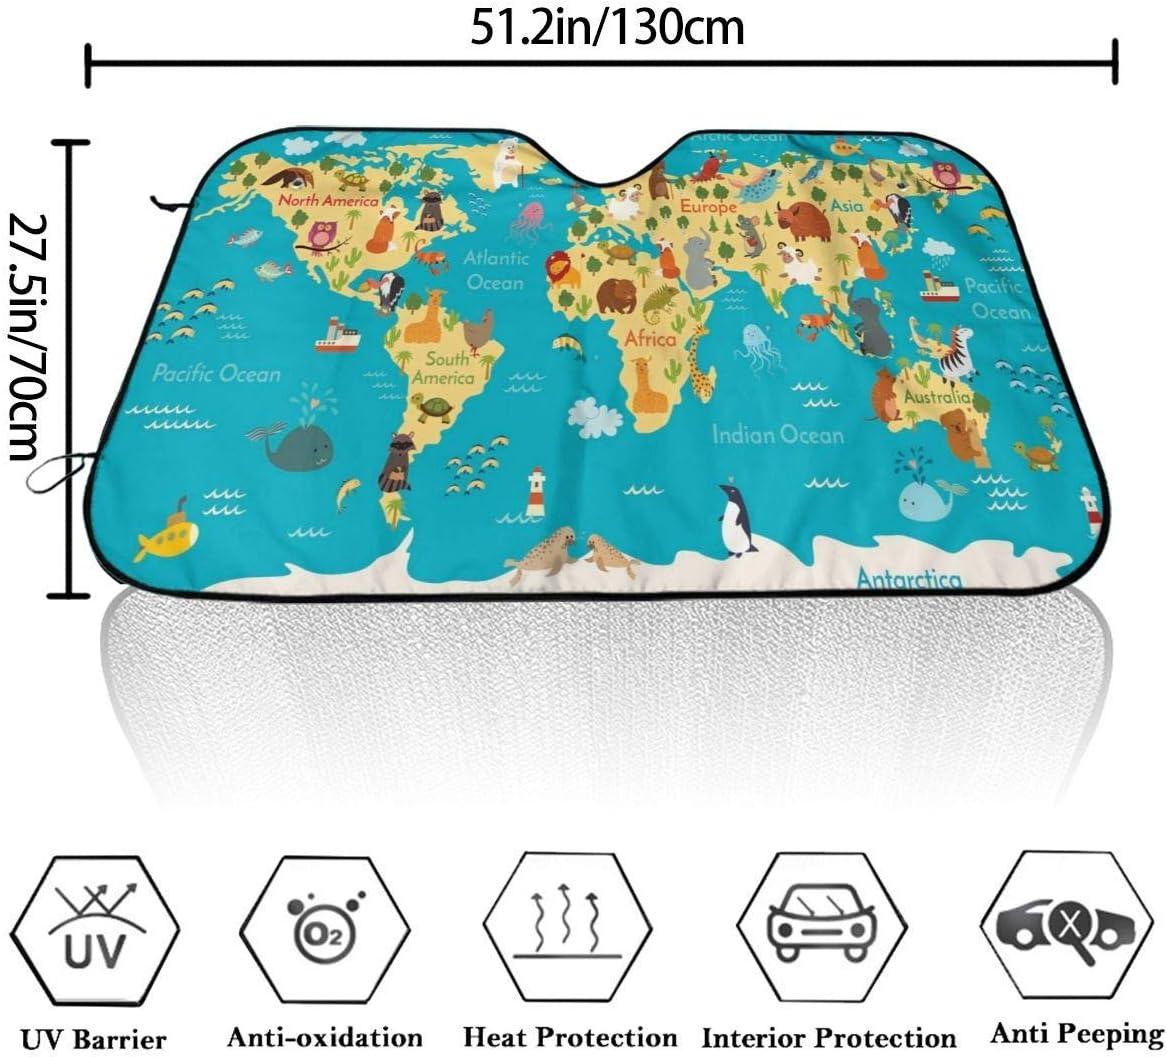 Visor Solar del Parabrisas Delantero del Mapa del Mundo Animal HHJJI Parasol del Parabrisas del autom/óvil Parasol Universal del Parabrisas automotriz proteja su autom/óvil del Calor y el Resplandor